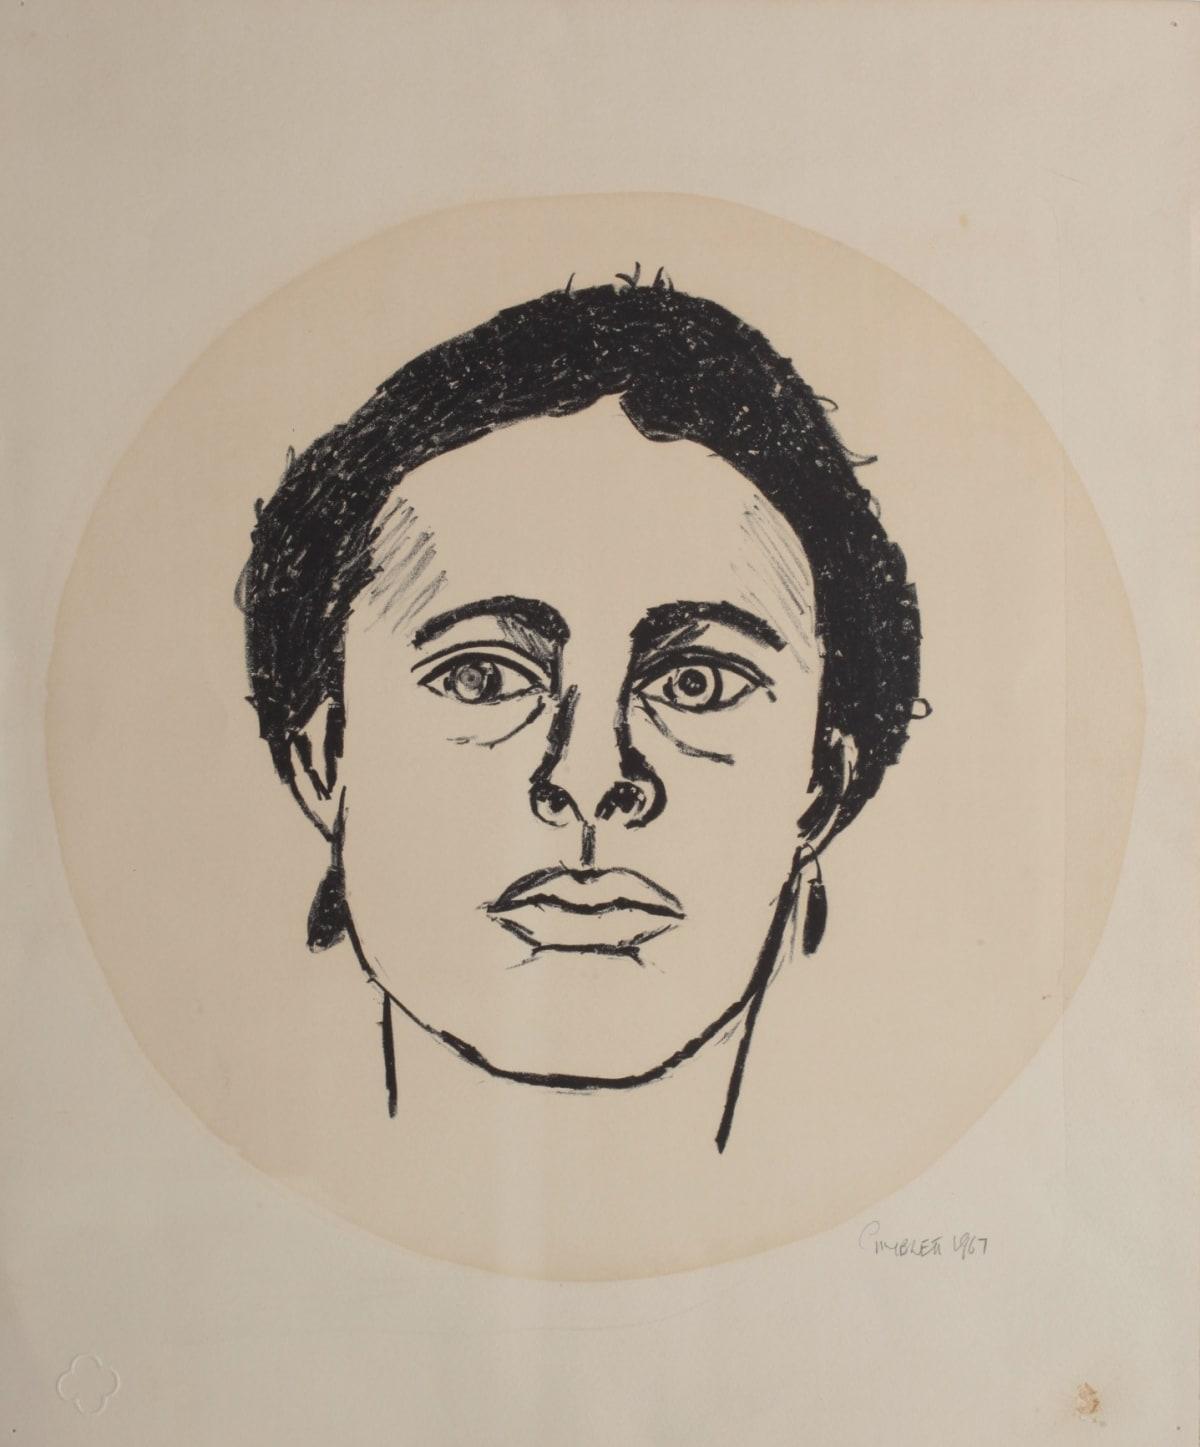 Max GIMBLETT My Barbara, 1967 Mixed media on paper 16 x 13.3 in 40.6 x 33.7 cm